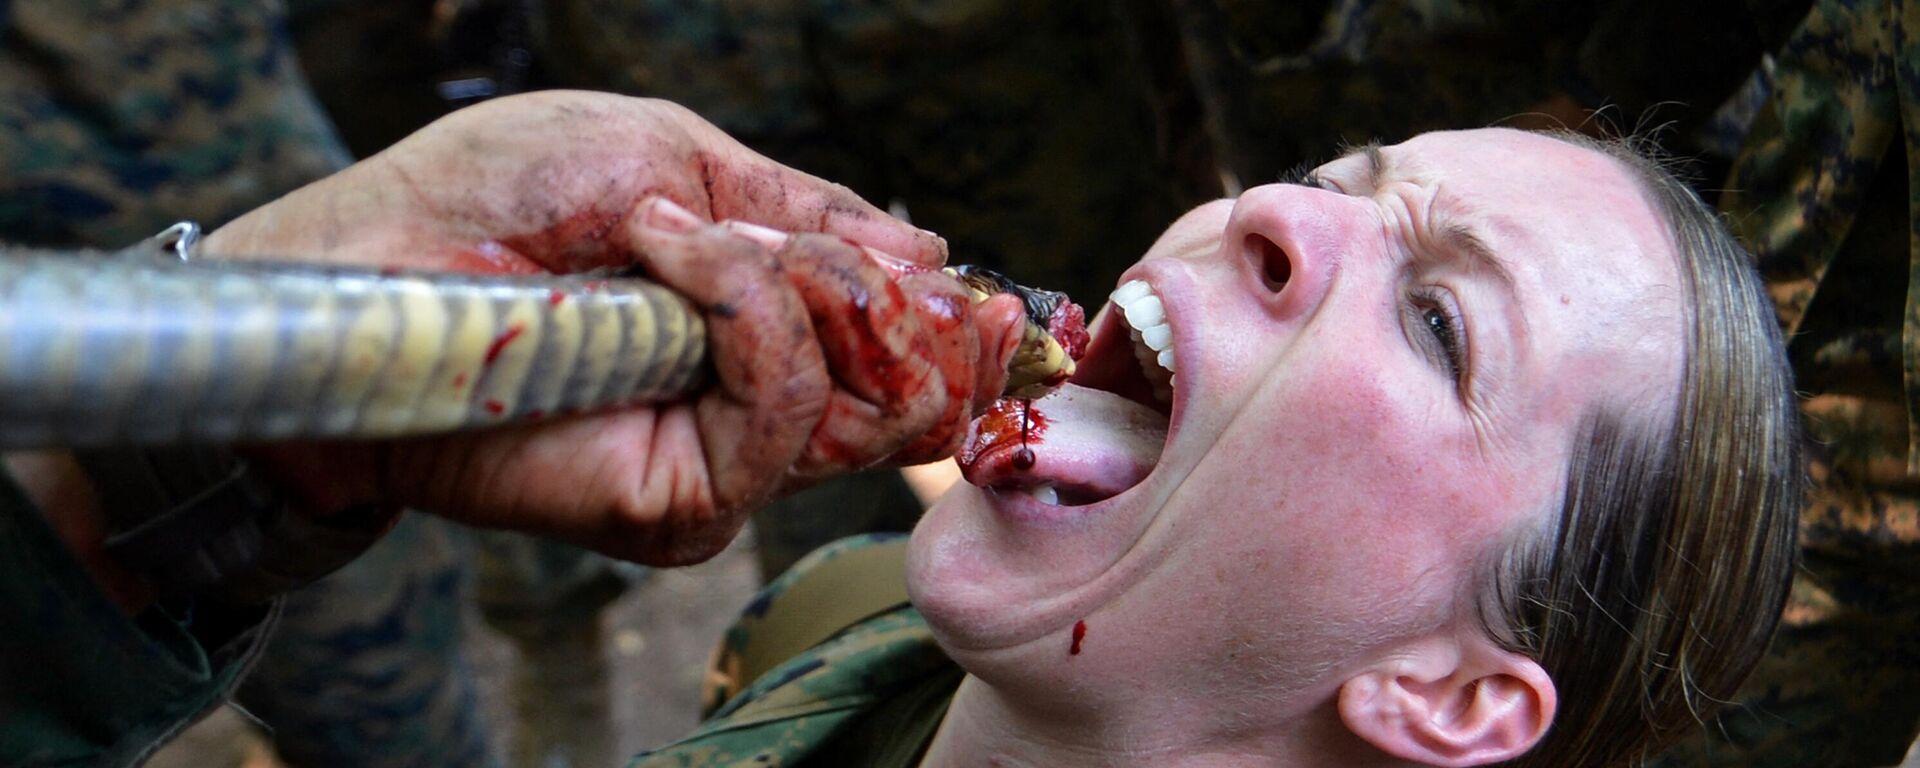 Αμερικανοί στρατιώτες πίνουν αίμα κόμπρας στην Ταϋλάνδη - Sputnik Ελλάδα, 1920, 17.08.2021